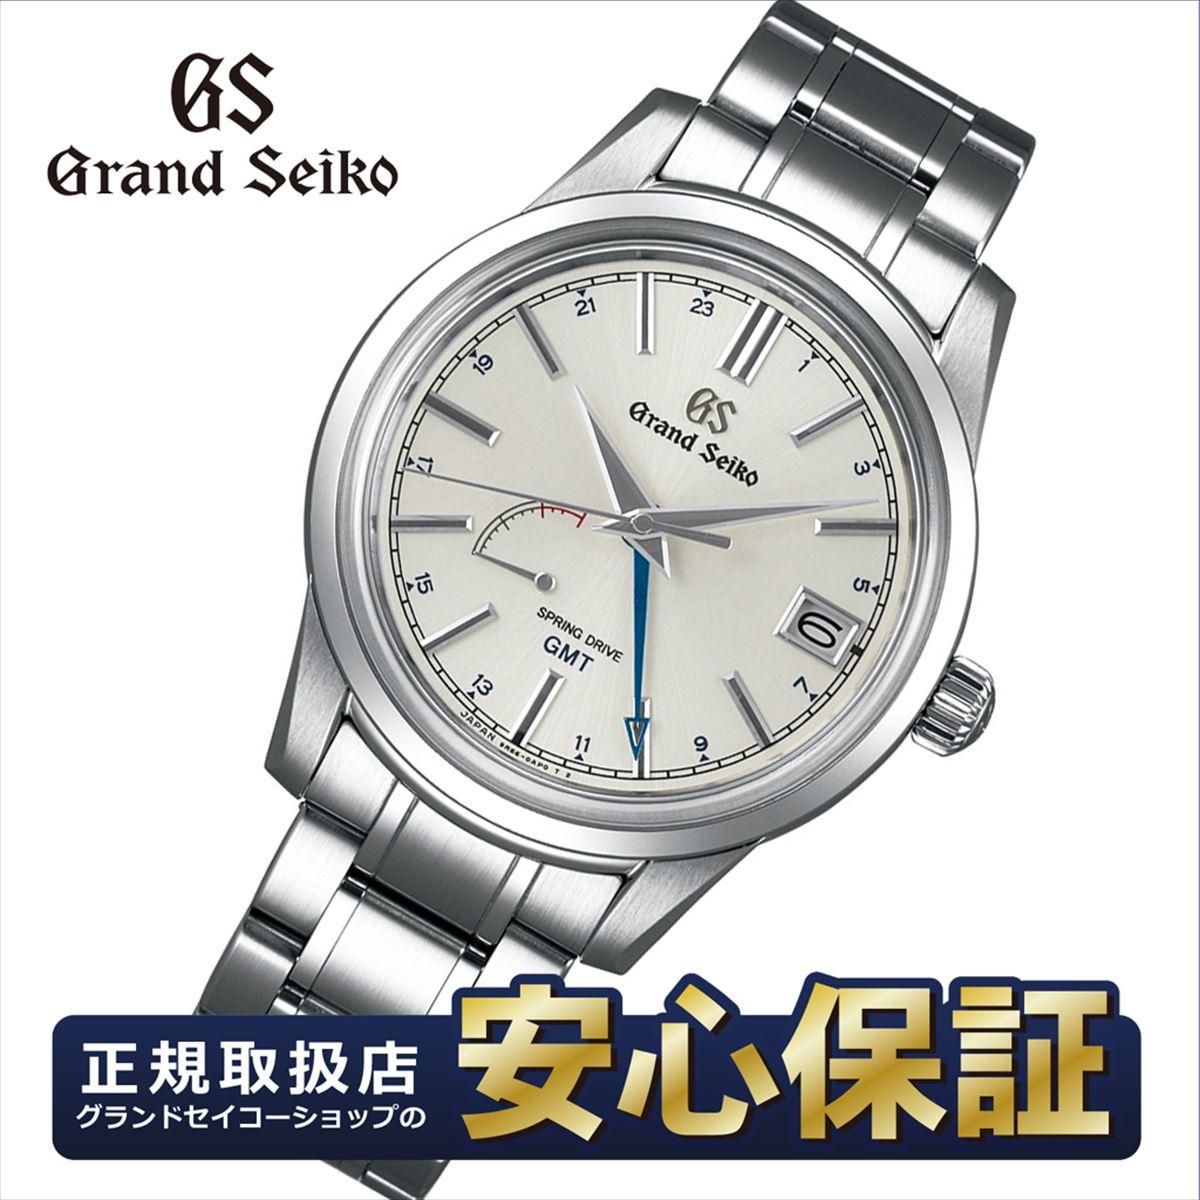 【2,000円OFFマラソンクーポン!9日20時から】【今ならGSボールペン付き】グランドセイコー SBGE225 スプリングドライブ GMT 9R66 メンズ 腕時計 GRAND SEIKO 【正規品】NLGS_10spl